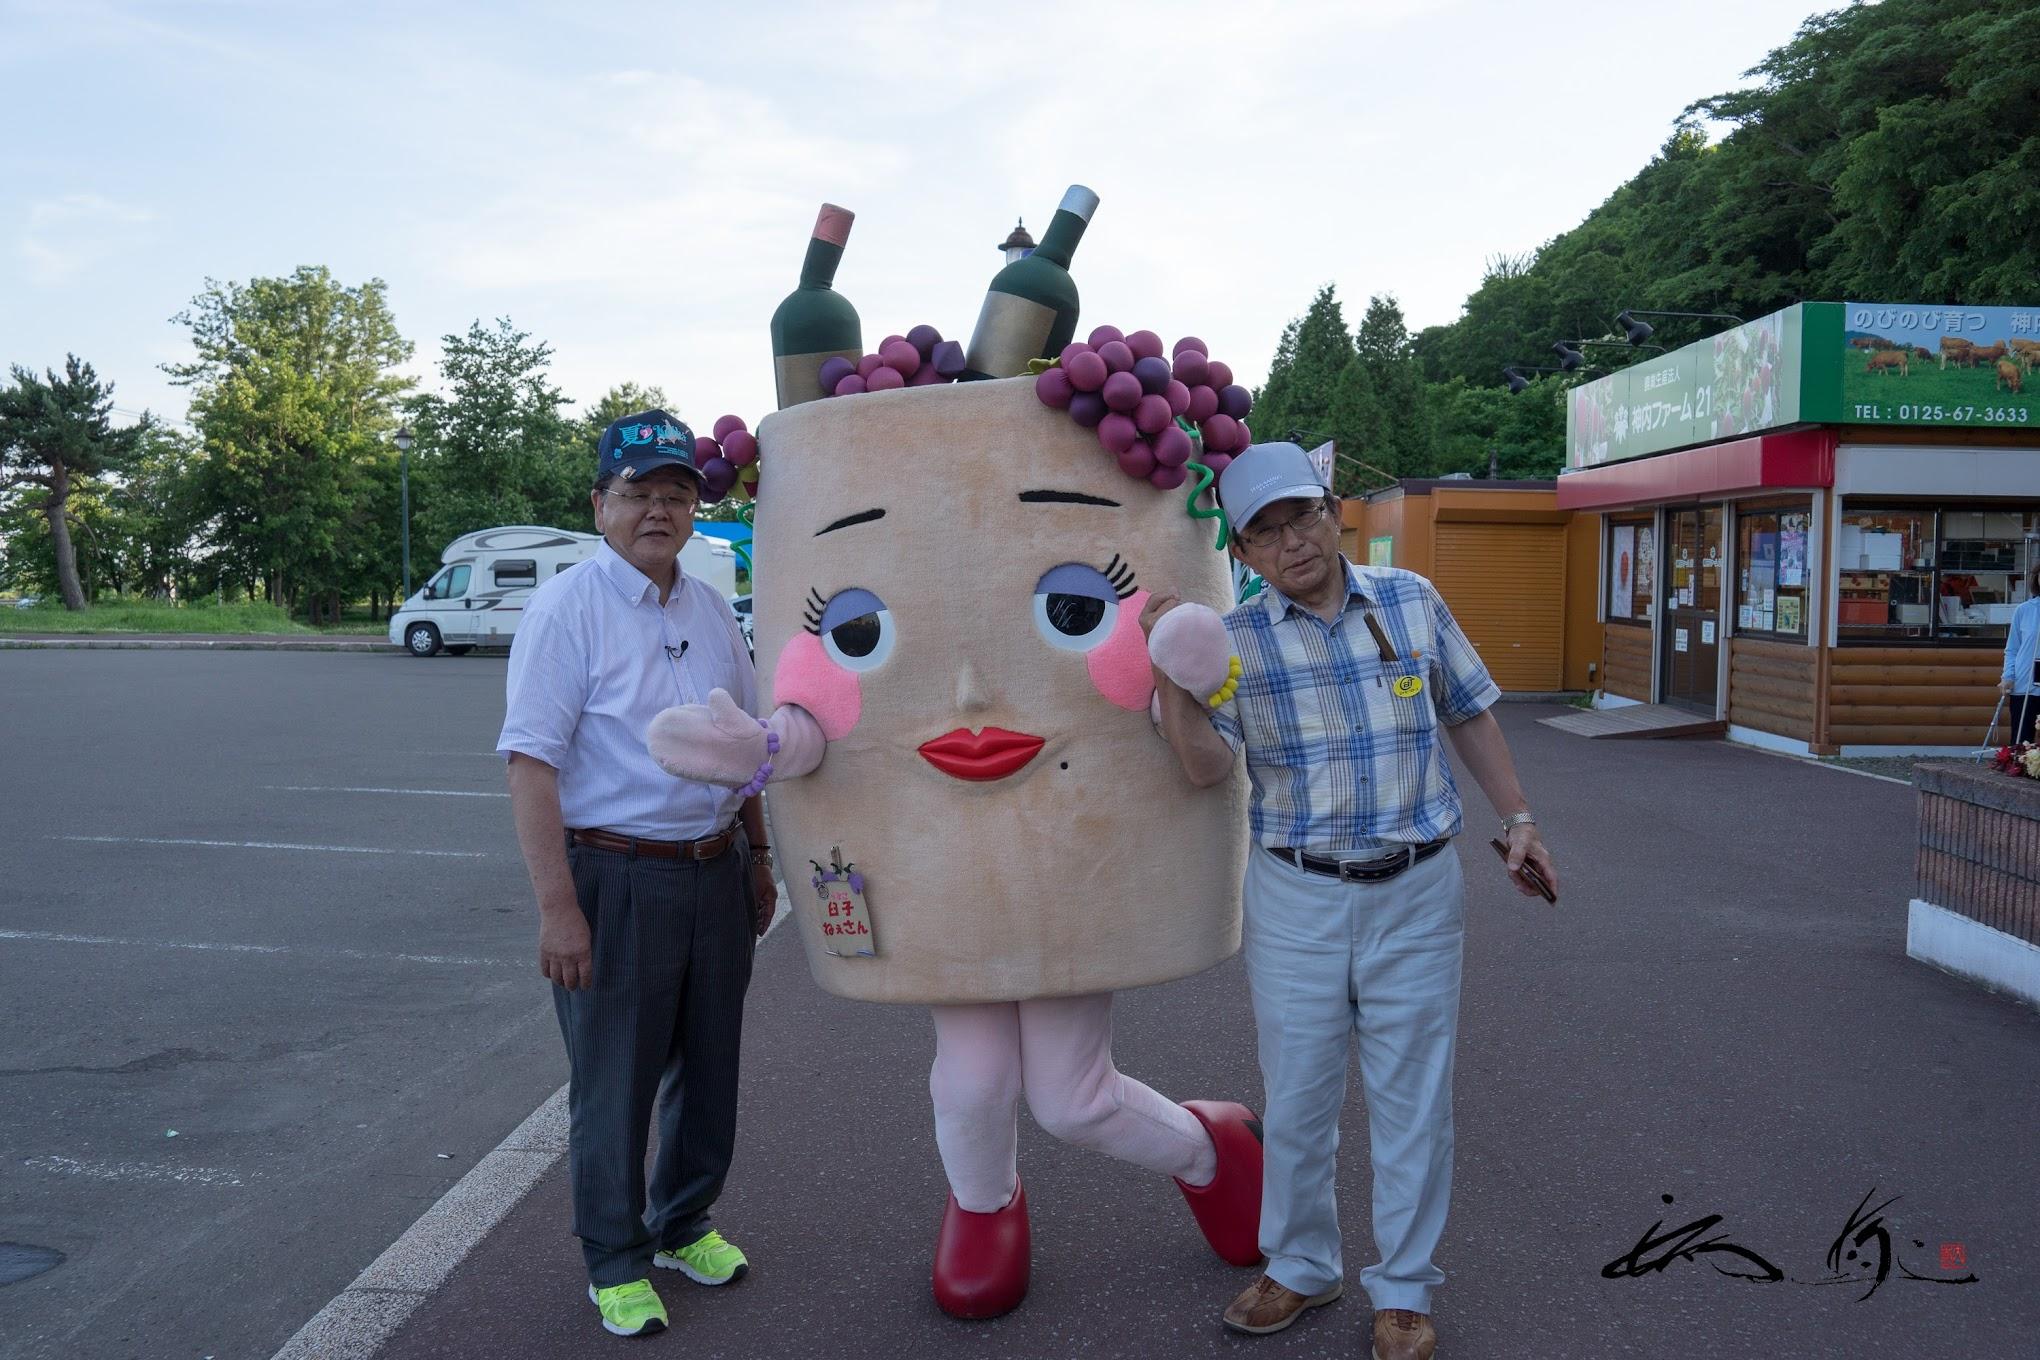 浦臼町・斉藤純雄 町長とシィービーツアーズ・戎谷侑男 代表@道の駅つるぬま(浦臼町)